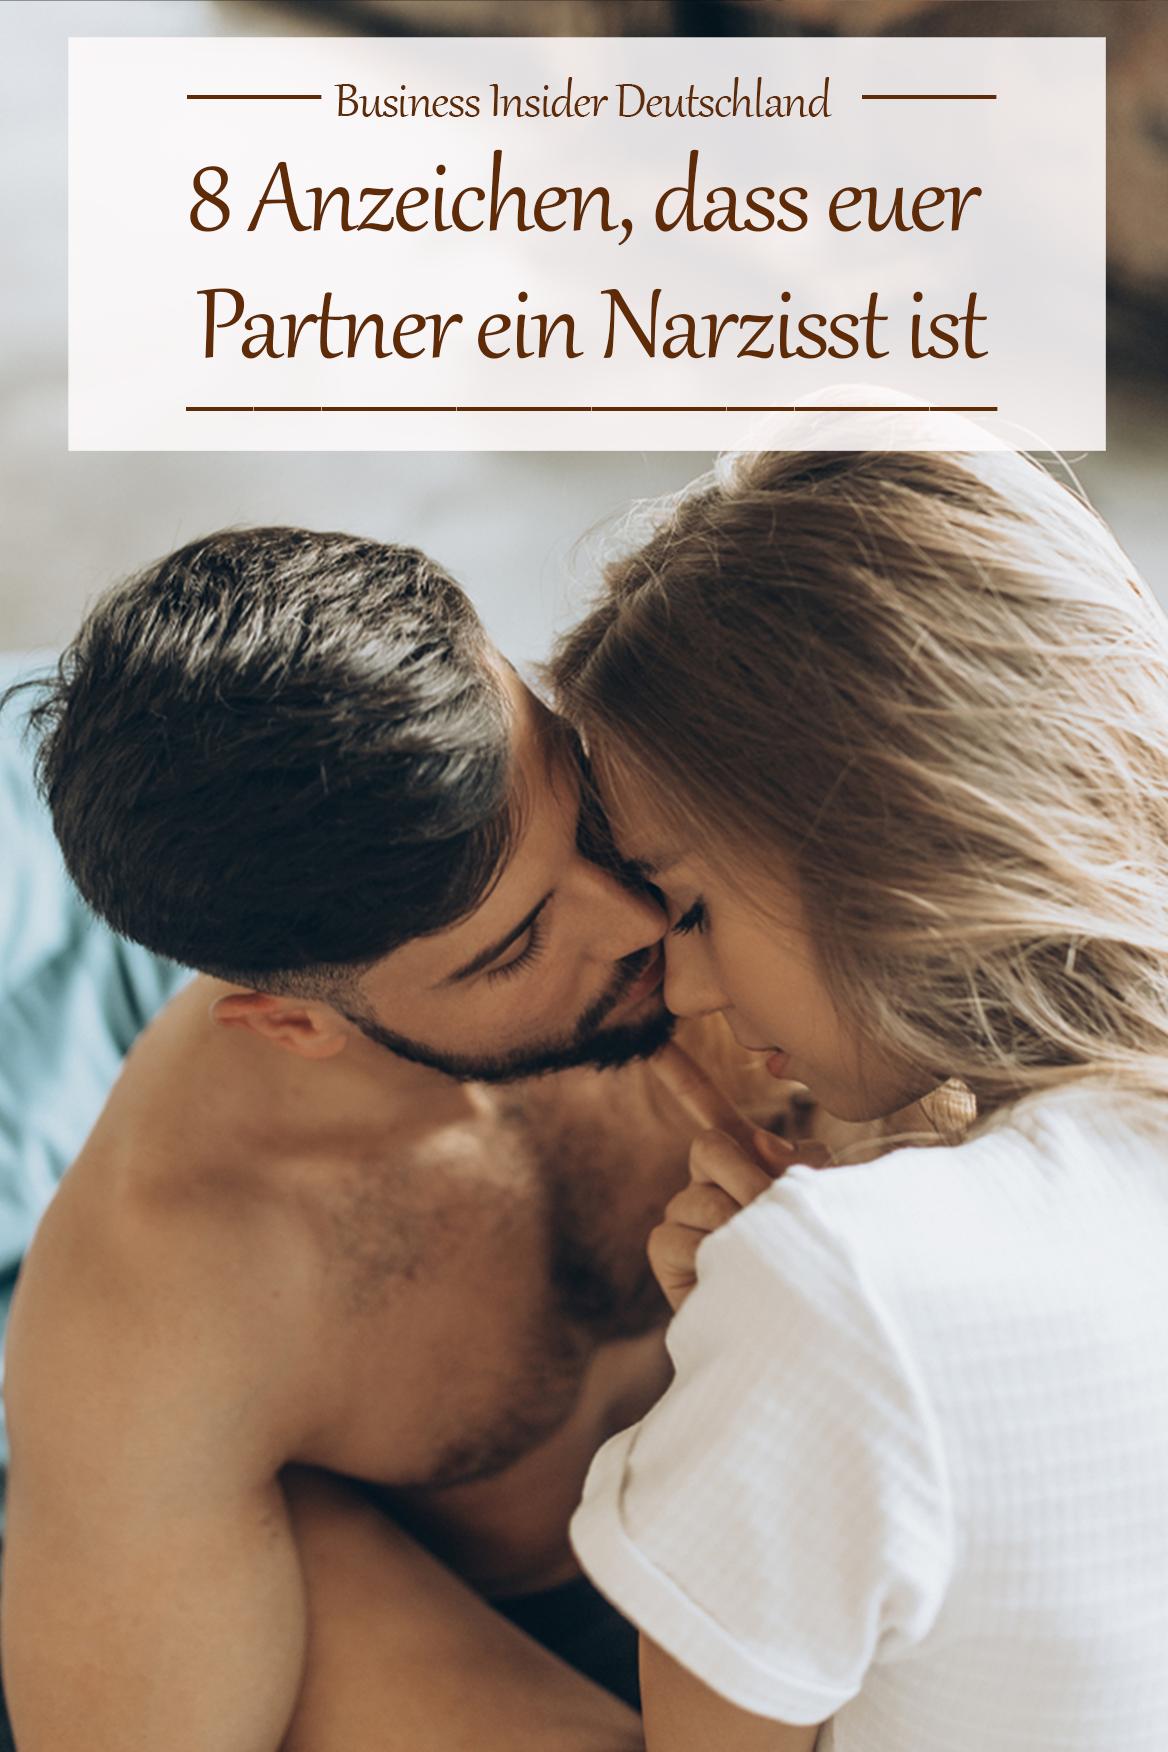 Narzisst Partner